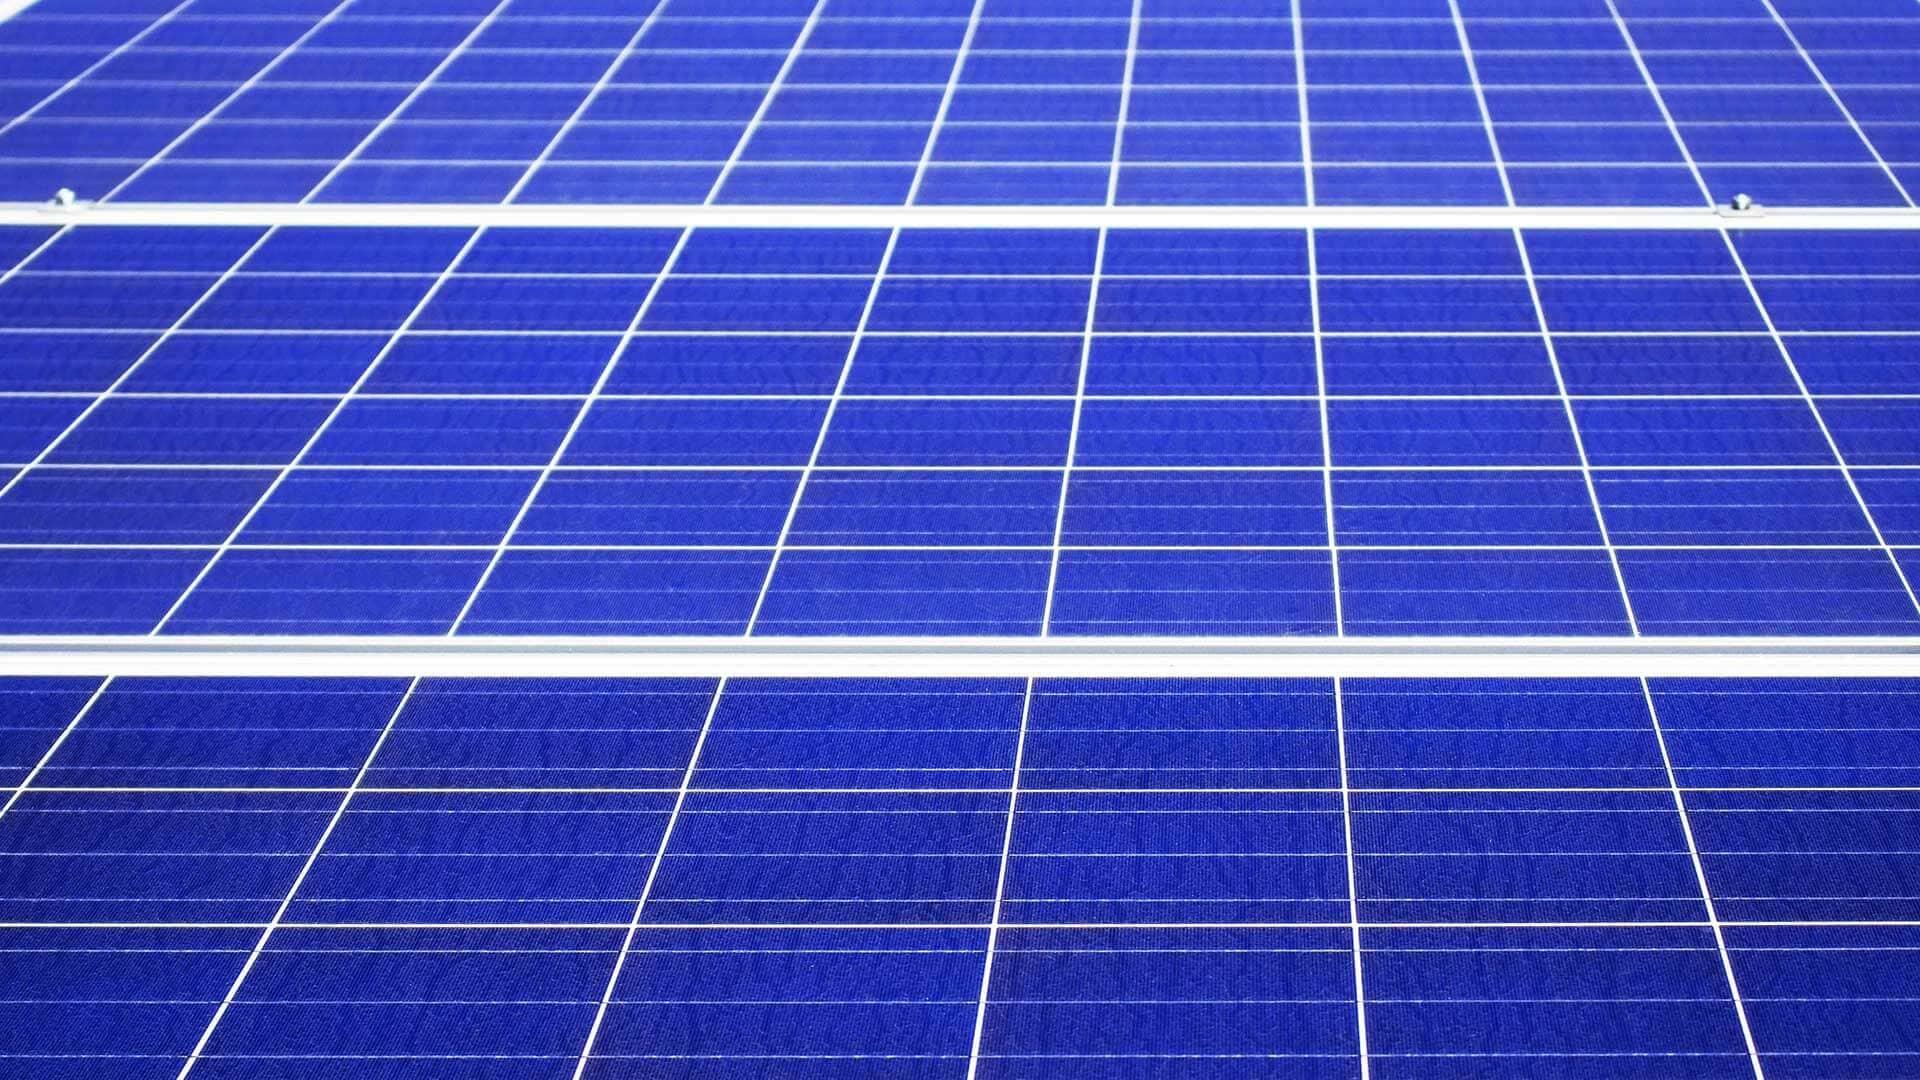 Cellule Photovoltaïque En Silicium Amorphe concernant panneaux photovoltaiques   imeon energy